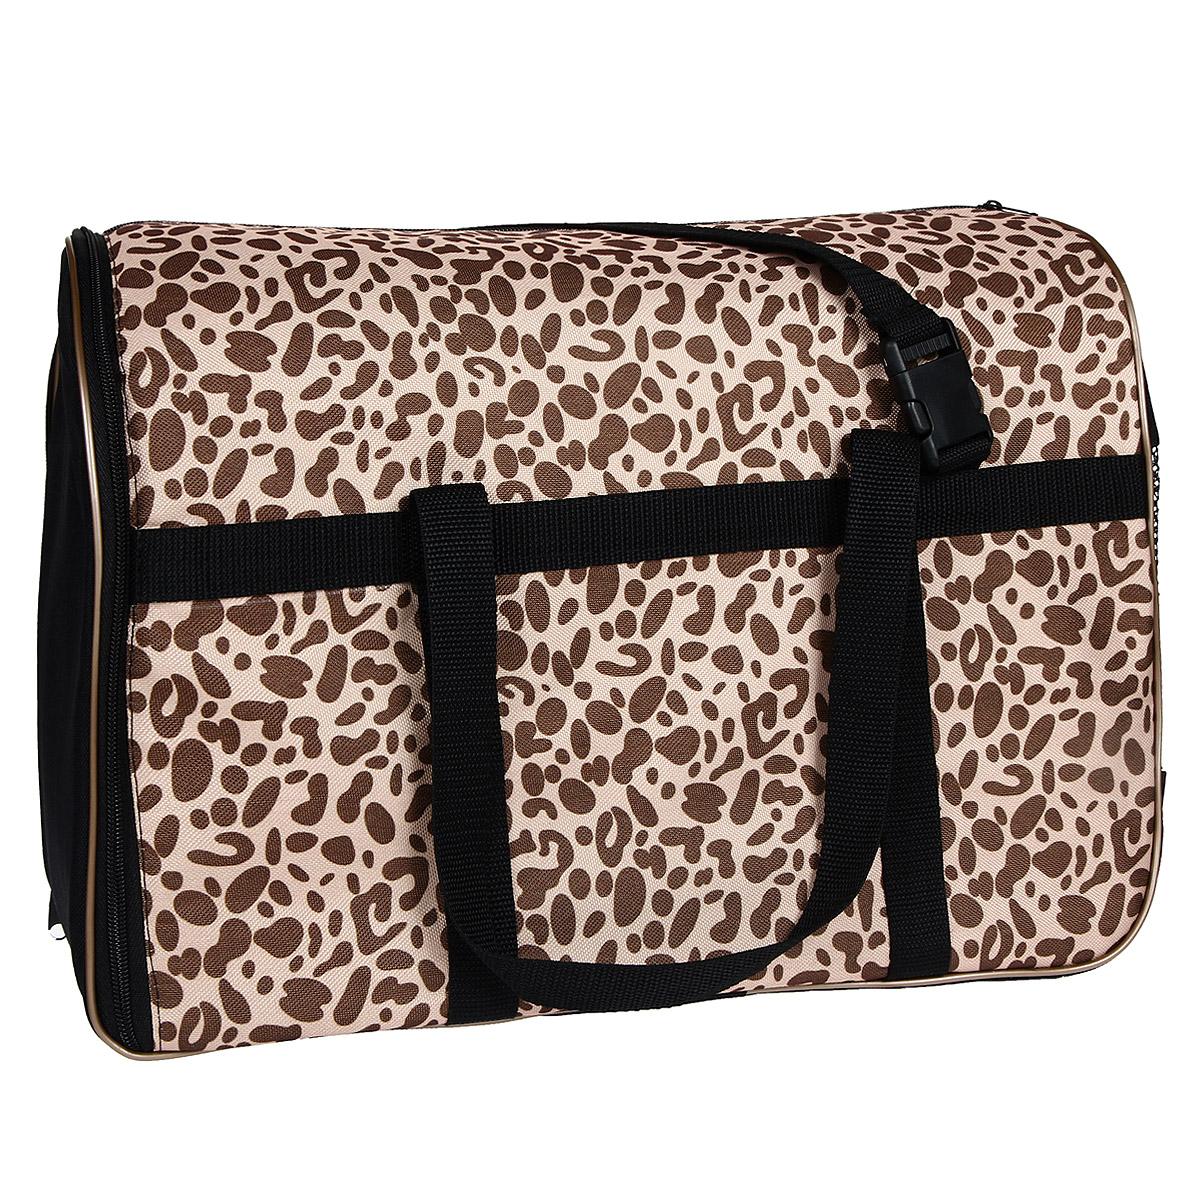 """Сумка-переноска """"Гамма"""" для животных, с сеткой, цвет: леопардовый, 42 см х 28 см х 31 см"""